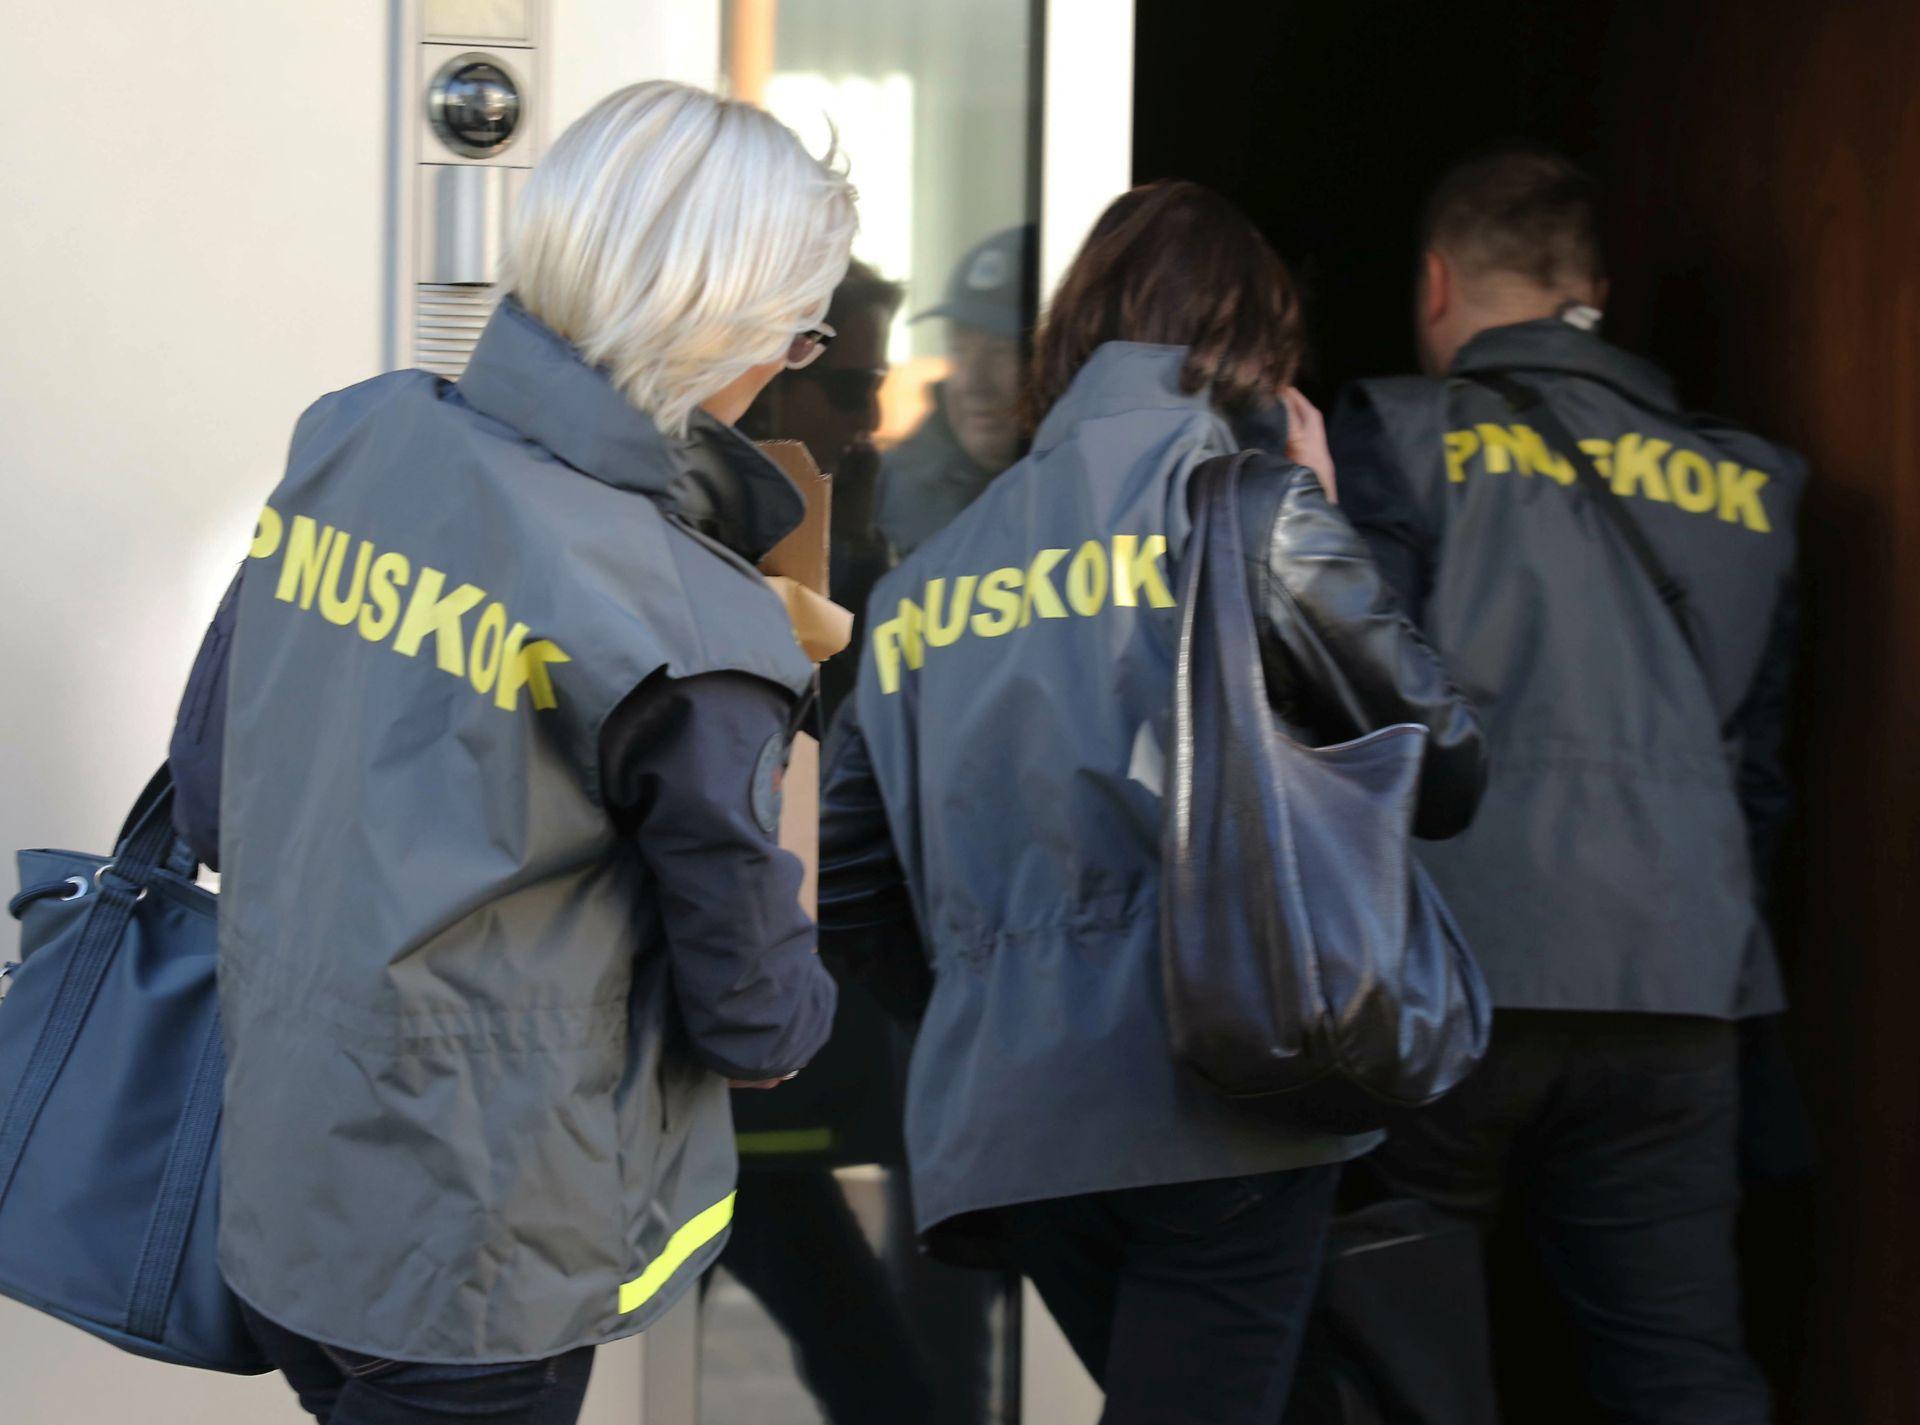 AKCIJA USKOKA: Osumnjičeni za korupciju navodno međusobno podijelili gotovo 50 milijuna kuna